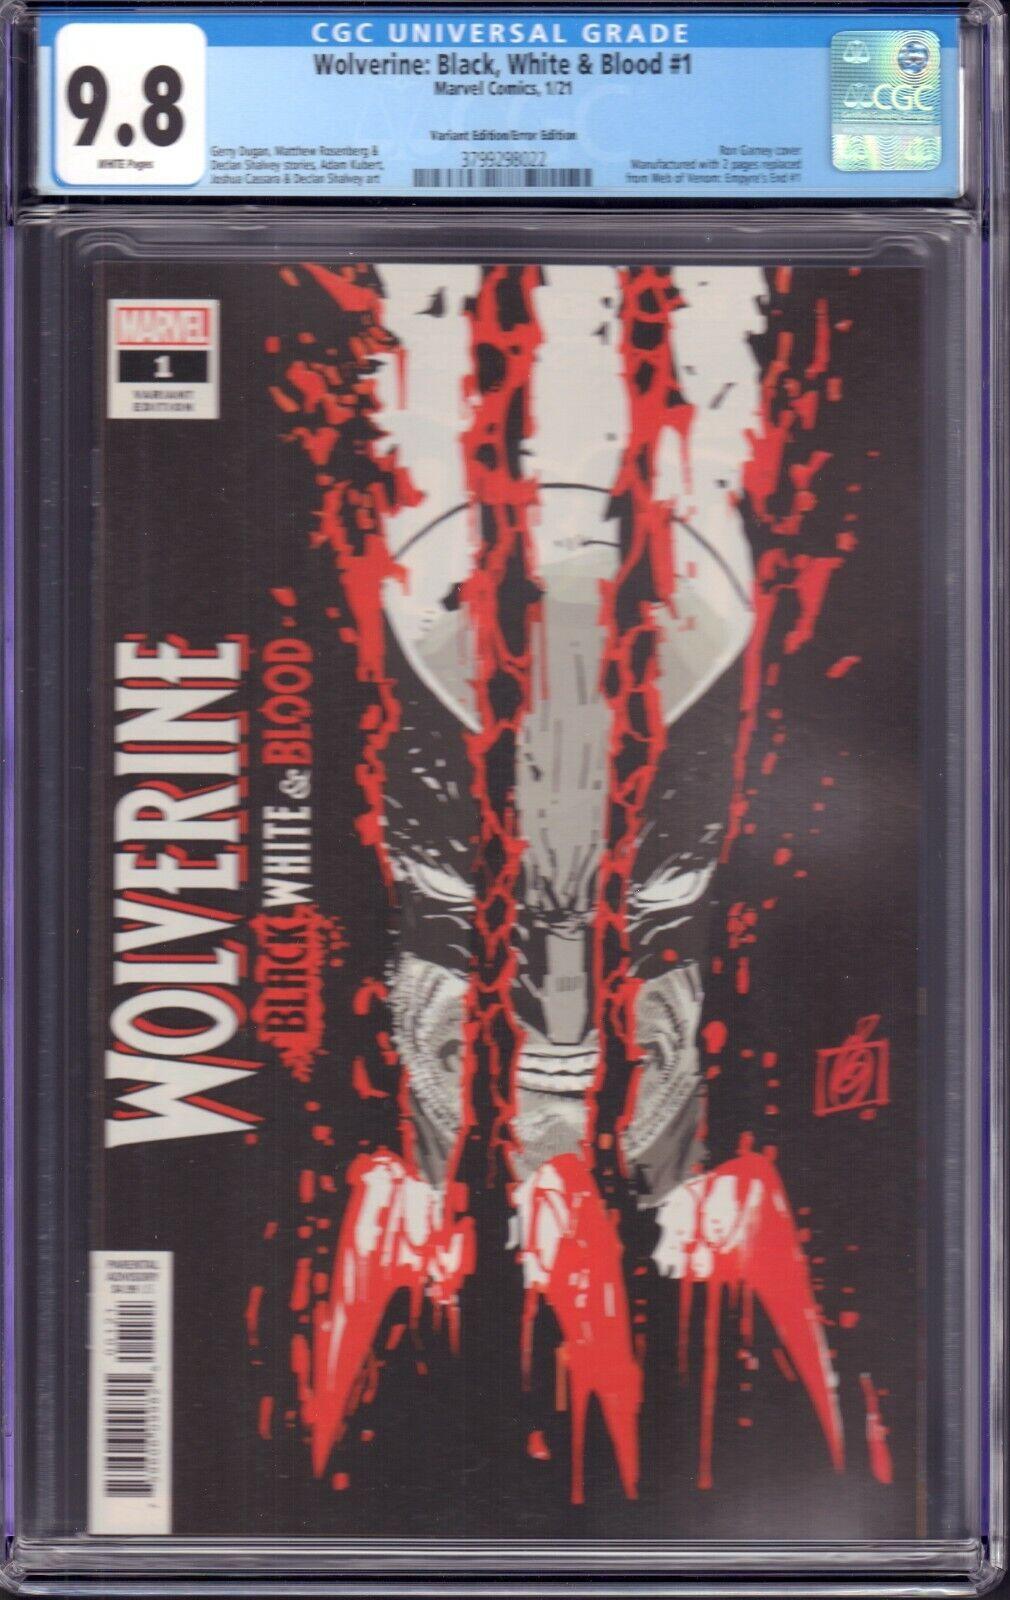 Wolverine Black, White, Blood 1 Marvel, 2021 CGC 9.8 Variant/Error Edition - $74.99